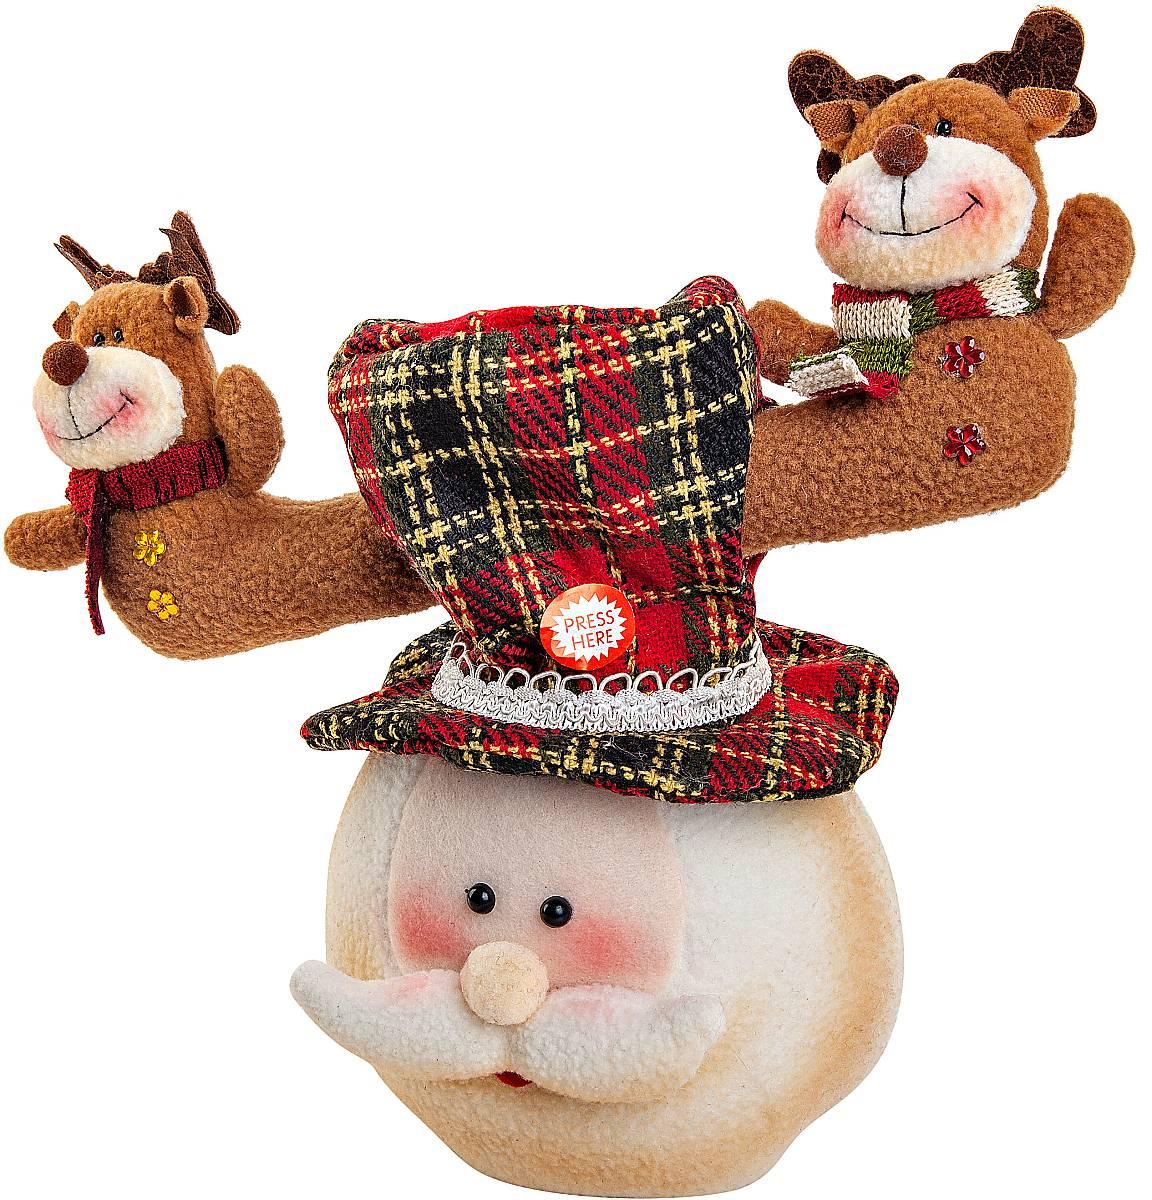 Игрушка новогодняя Mister Christmas Дед Мороз, электромеханическая, высота 30 см мягкая игрушка mister christmas дед мороз